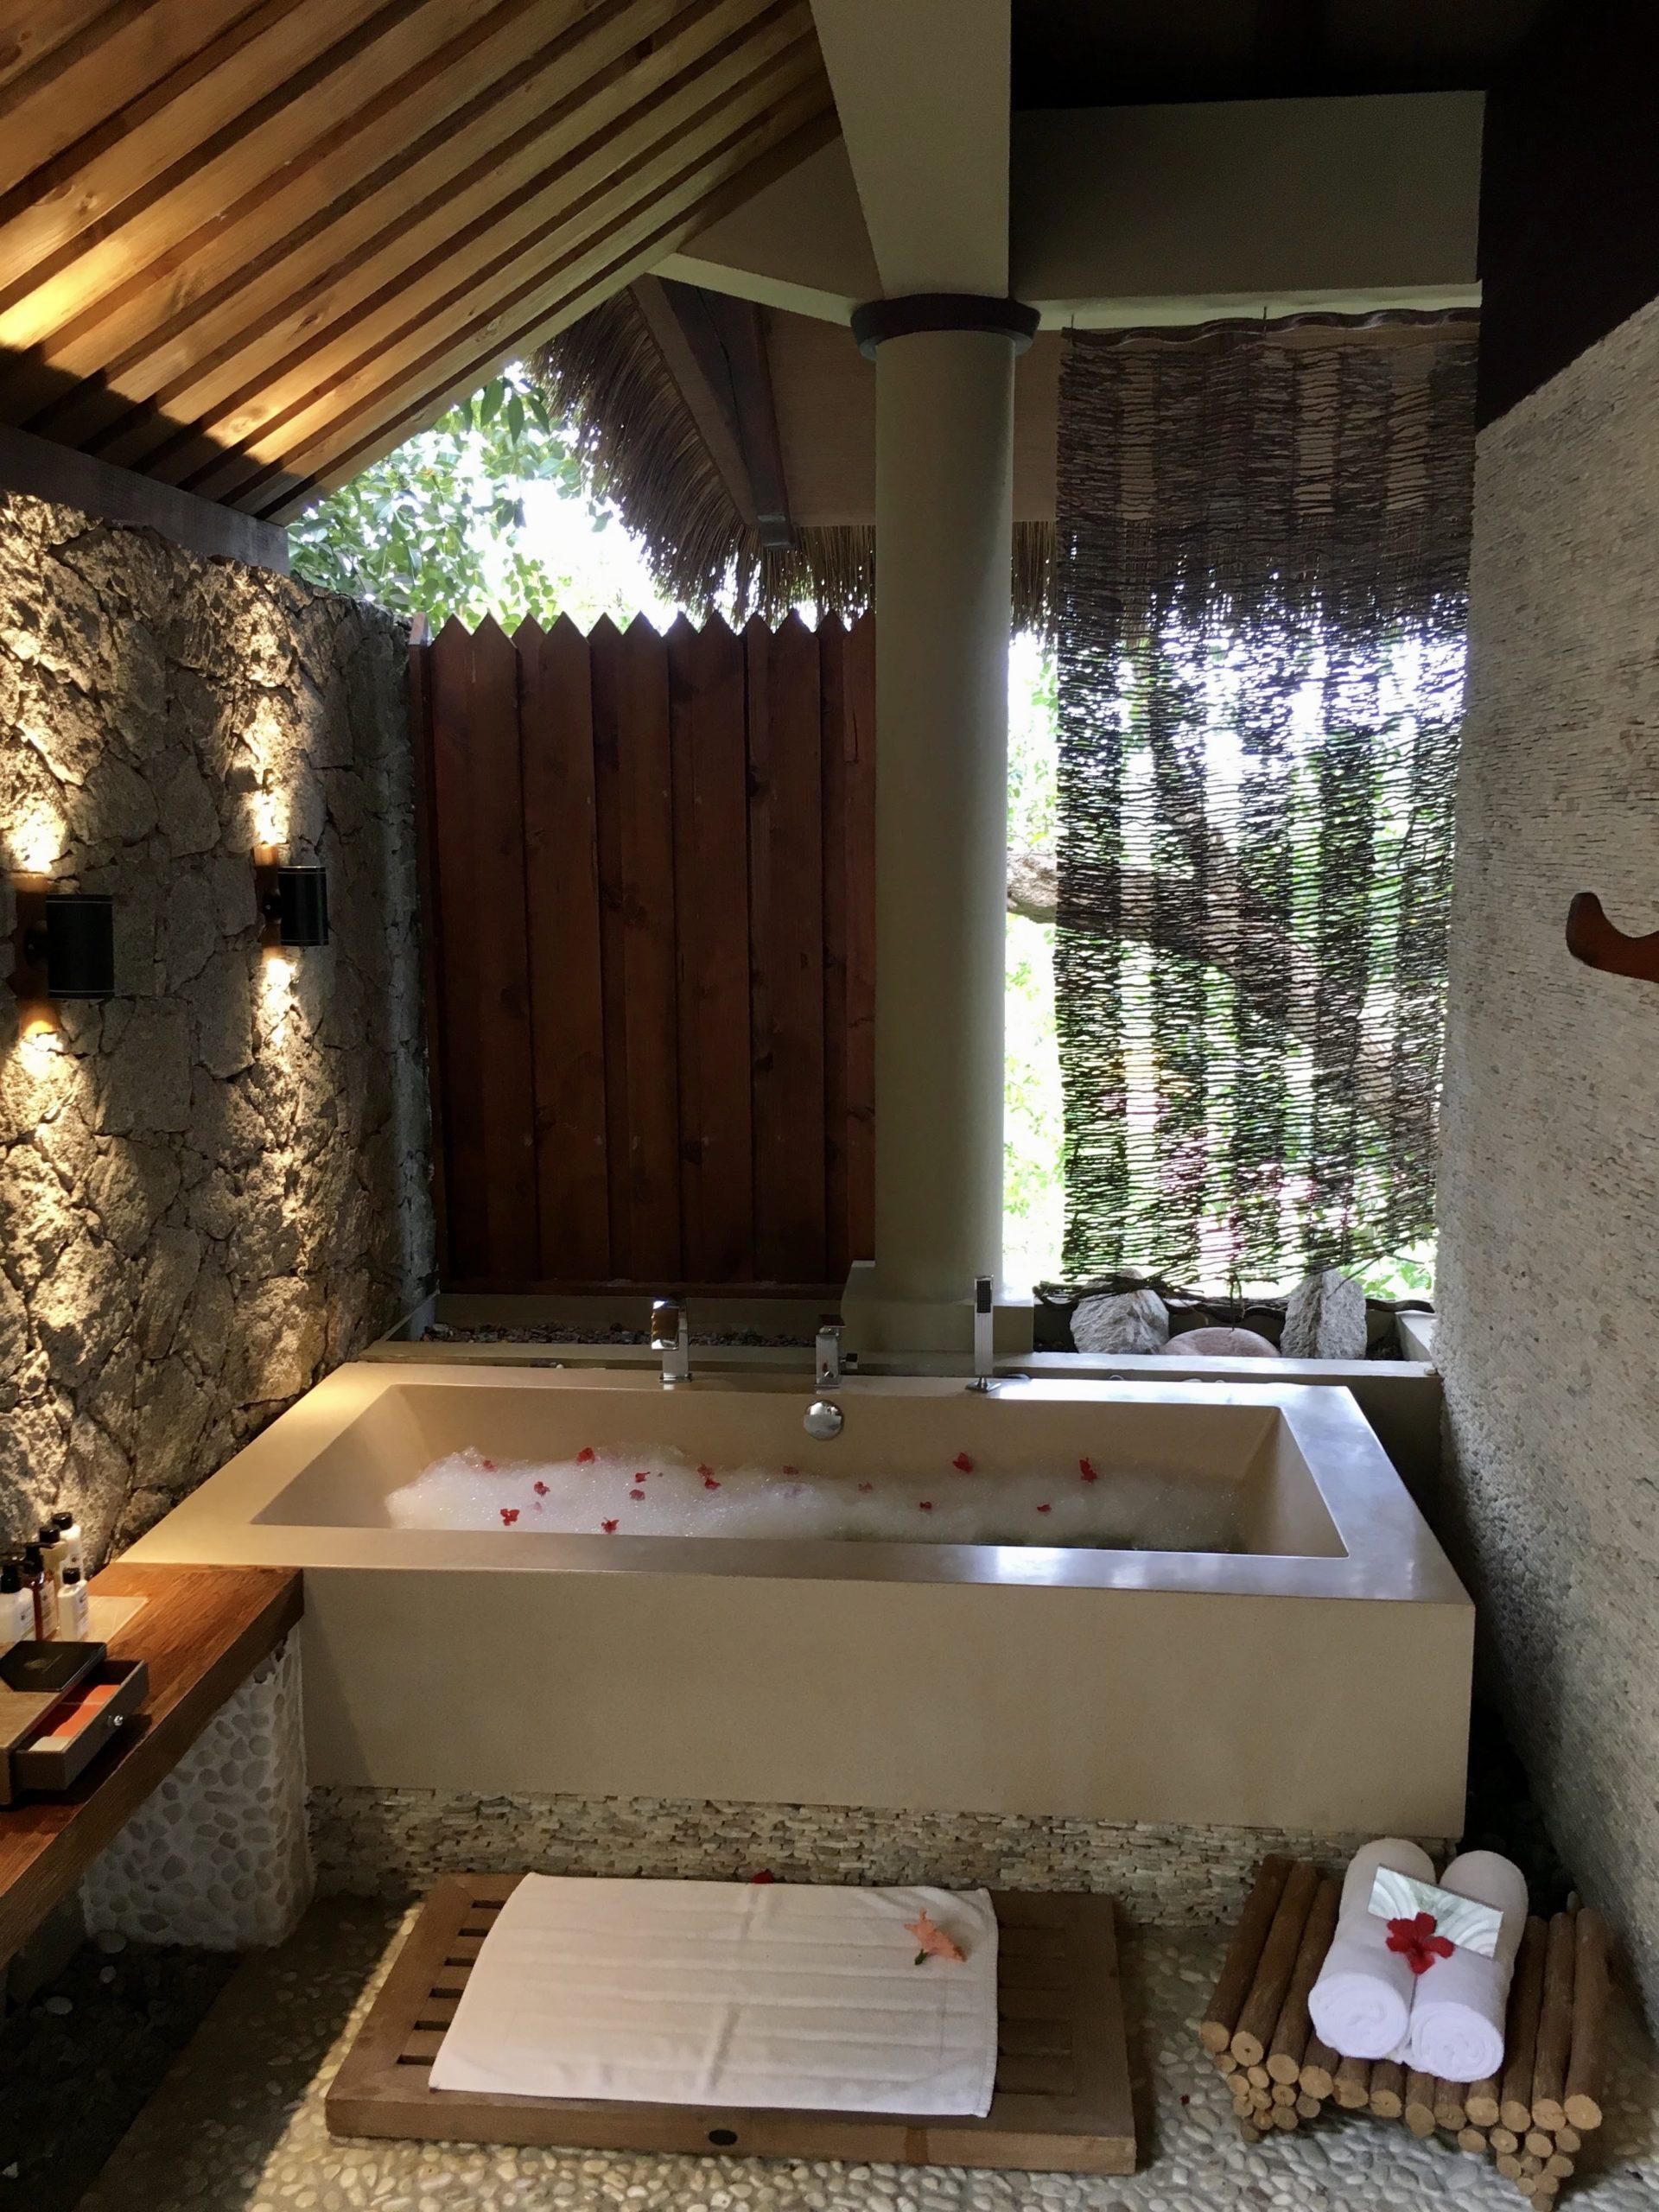 Le Domaine de L'Orangeraie Resort & Spa, Seychelles